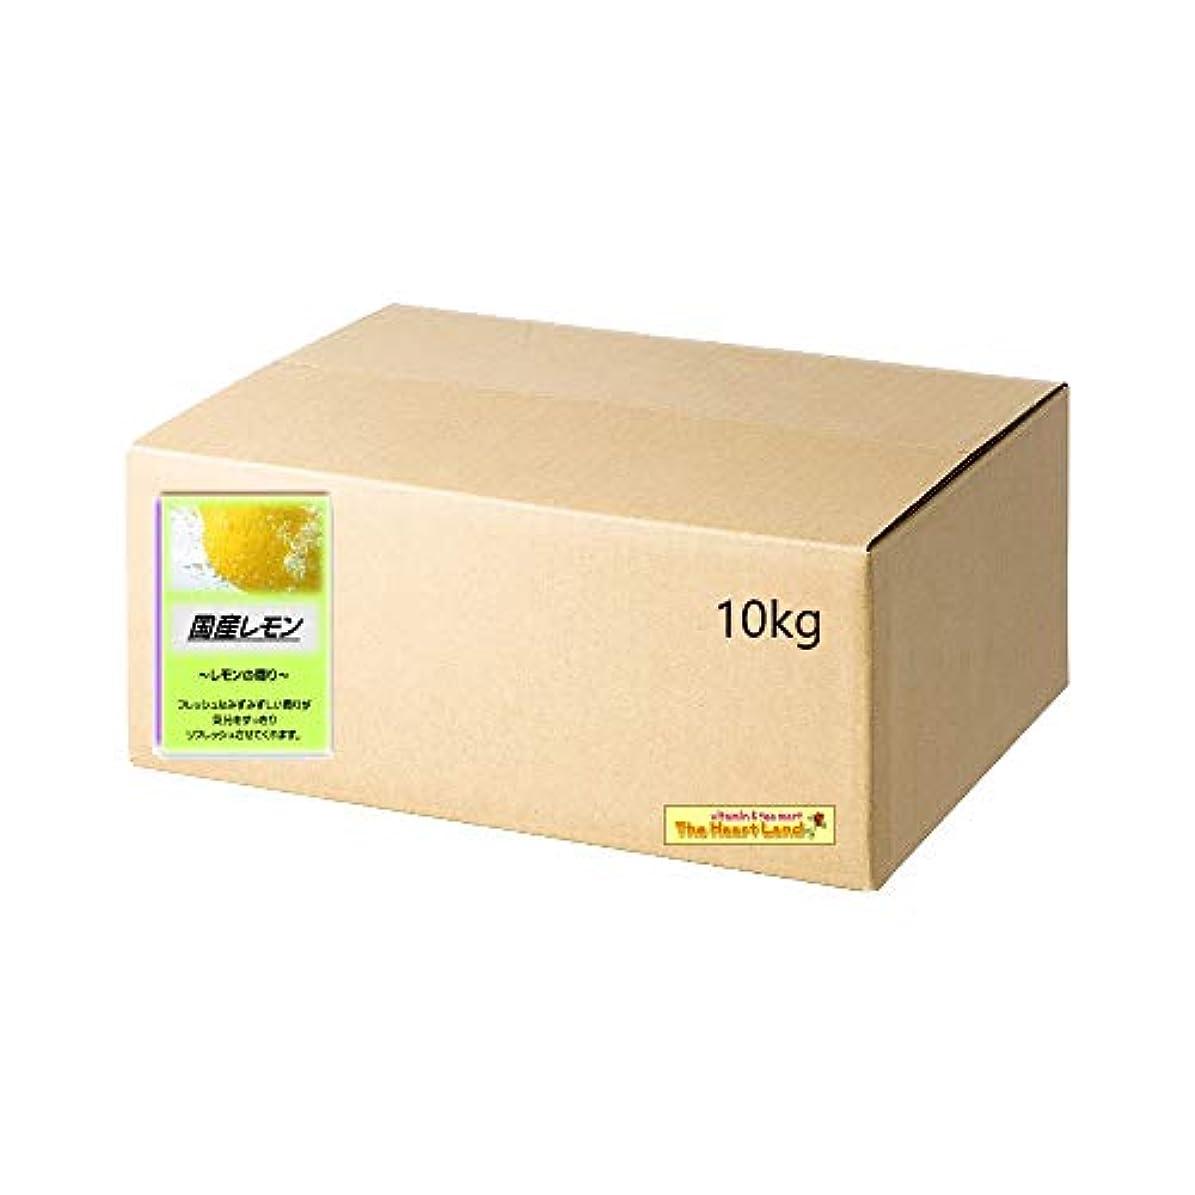 最終魅力立証するアサヒ入浴剤 浴用入浴化粧品 国産レモン 10kg